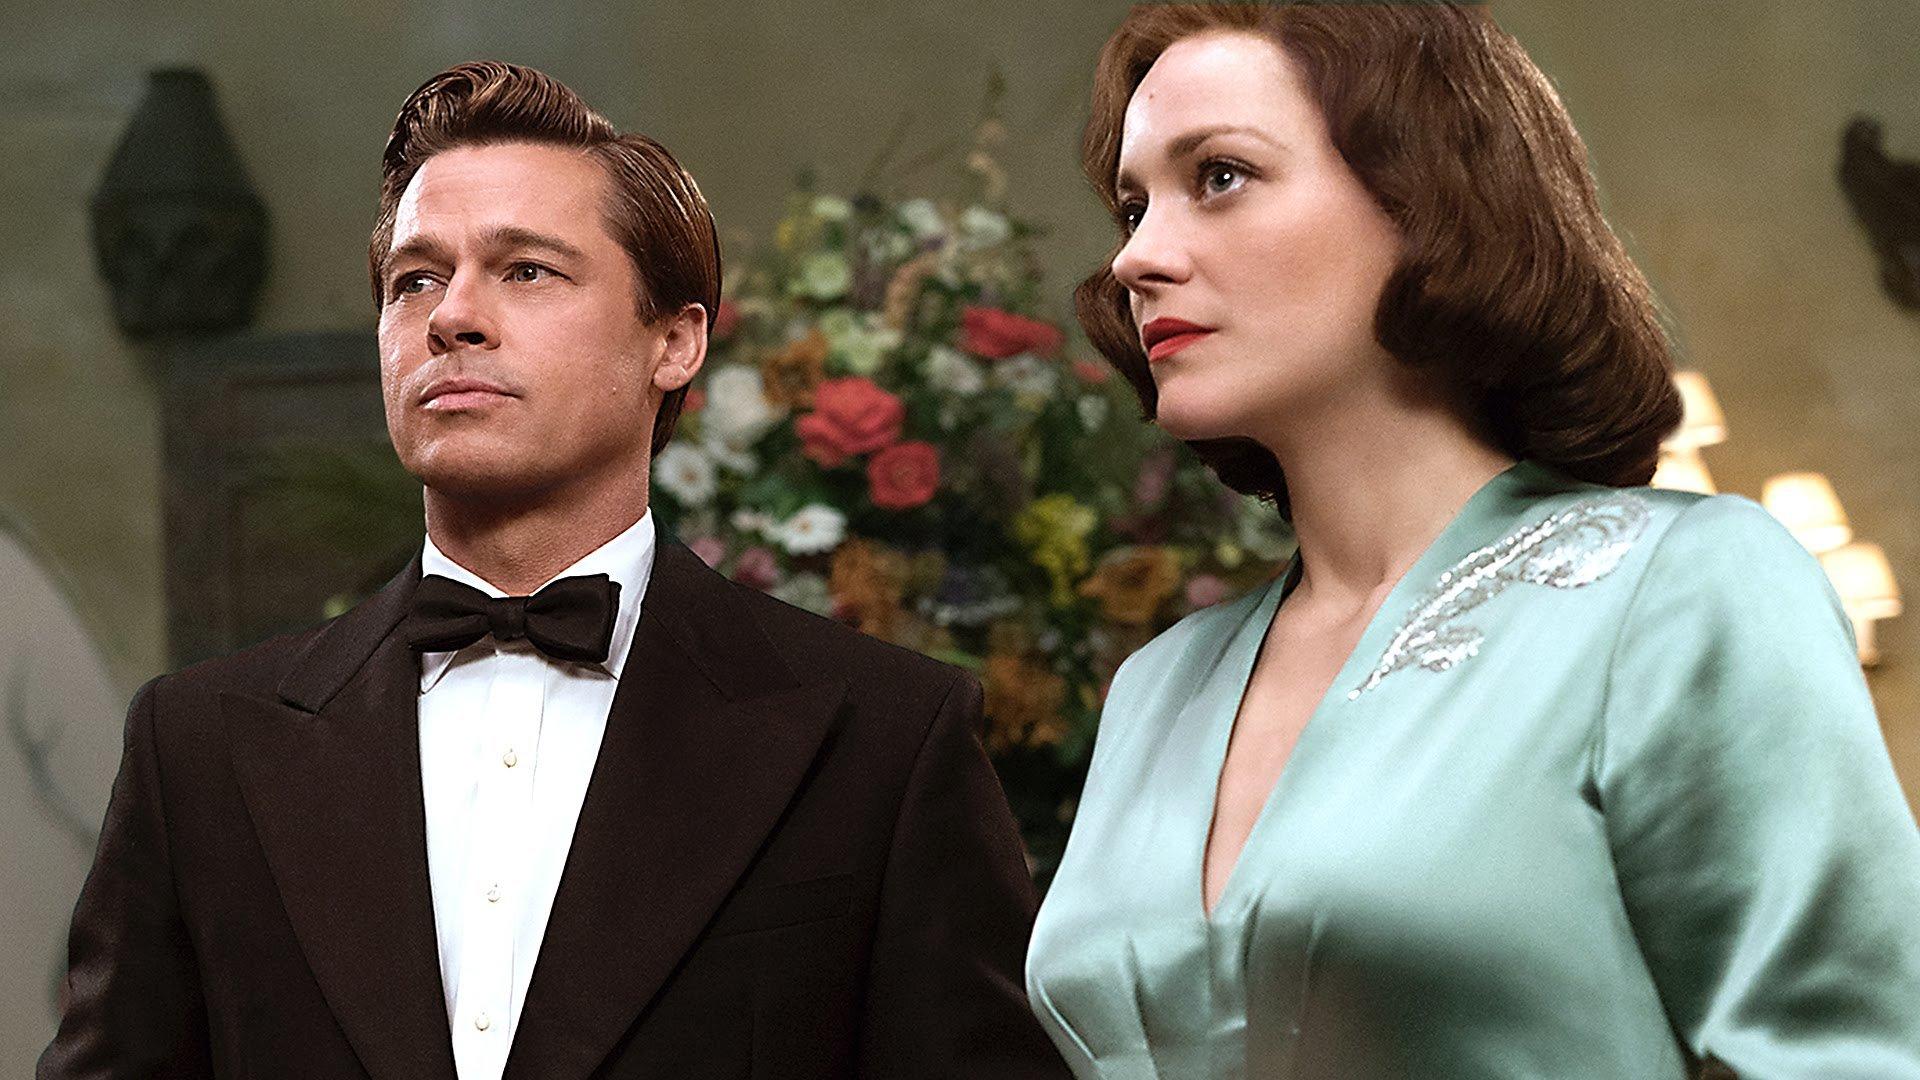 Marion Cotillard ve Brad Pitt: Bir romanın söylentileri 93